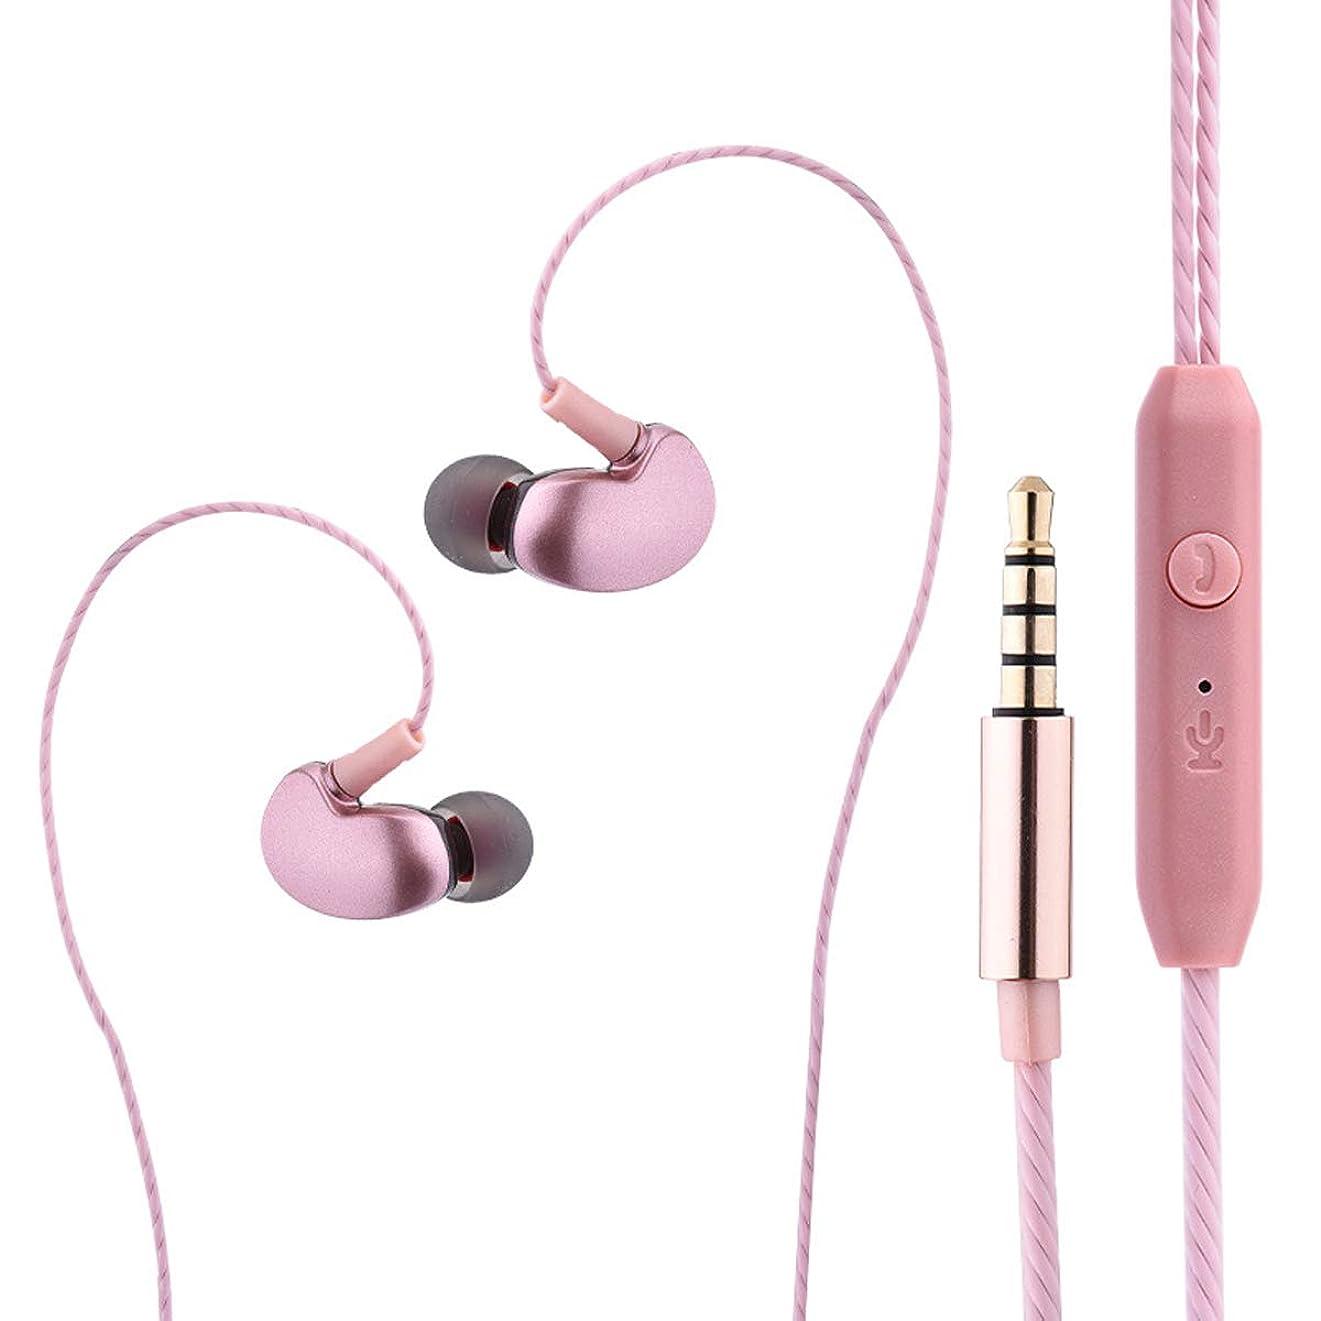 知事潤滑する複数イヤホン ステレオ iPhone/Android適用 遮音性 HiFi高音質 重低音 通話可能 学生 軽量 両耳 プレゼント TV視聴/映画鑑賞/ゲームなどに対応 快適 有線 (ピンク)